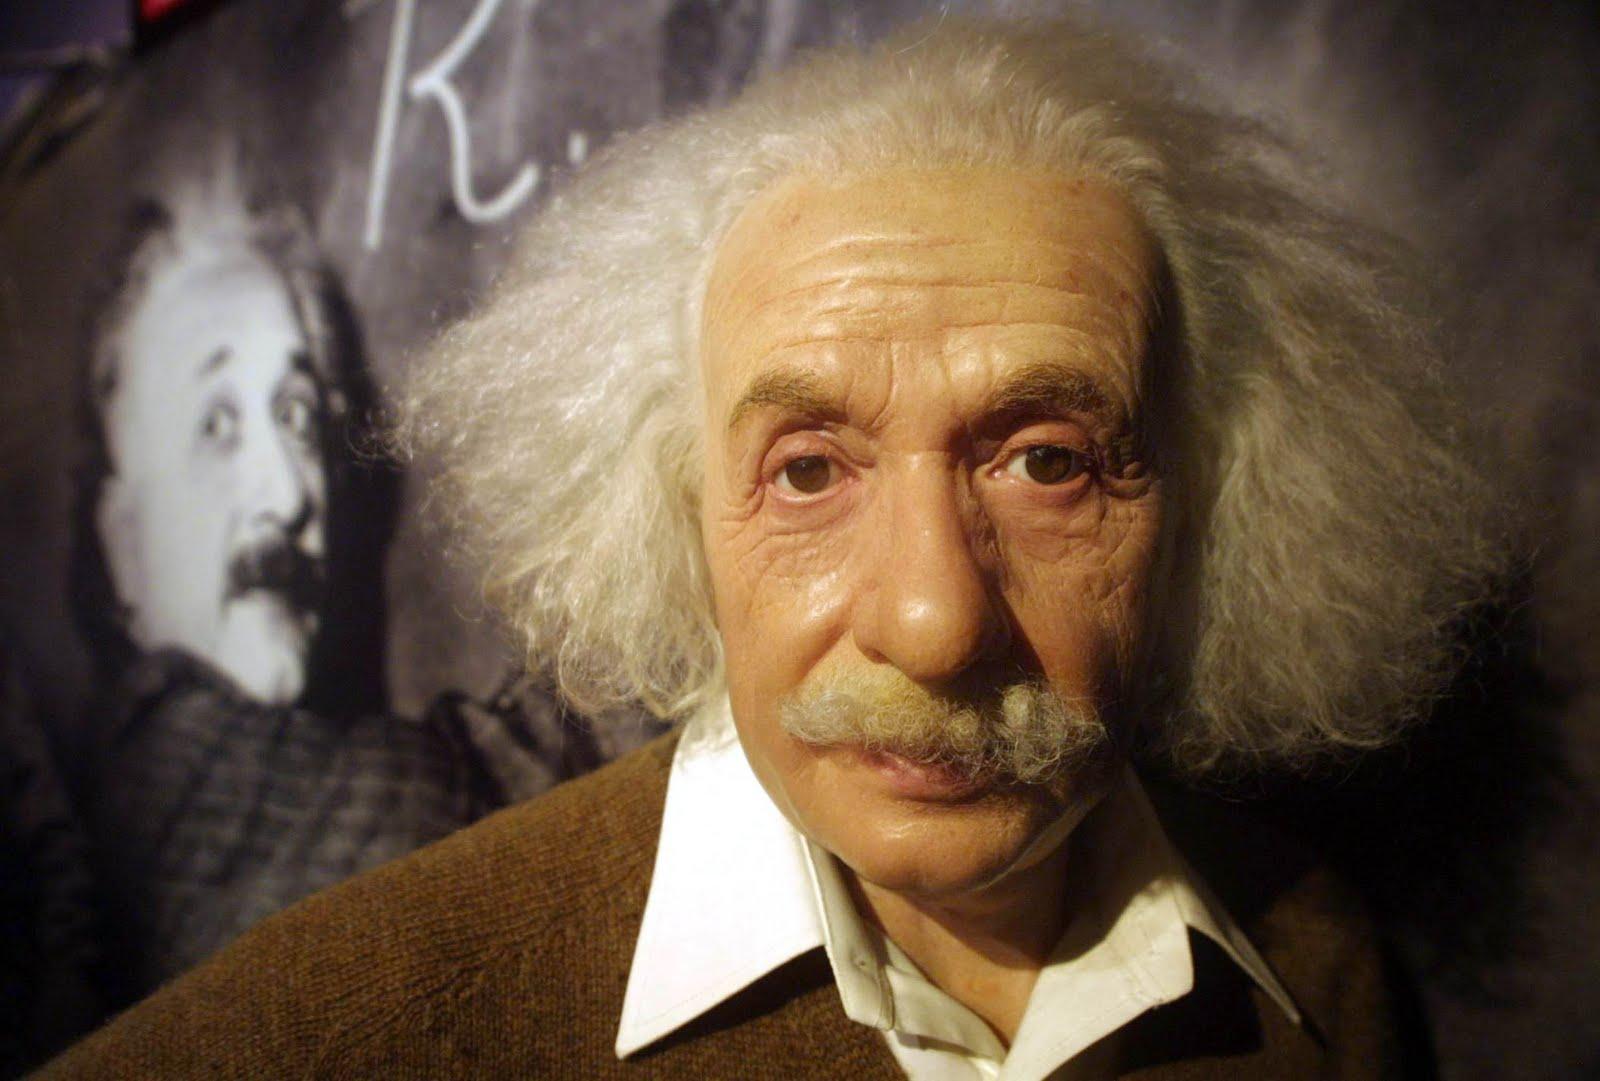 Albert Einstein Biography Images | FemaleCelebrity